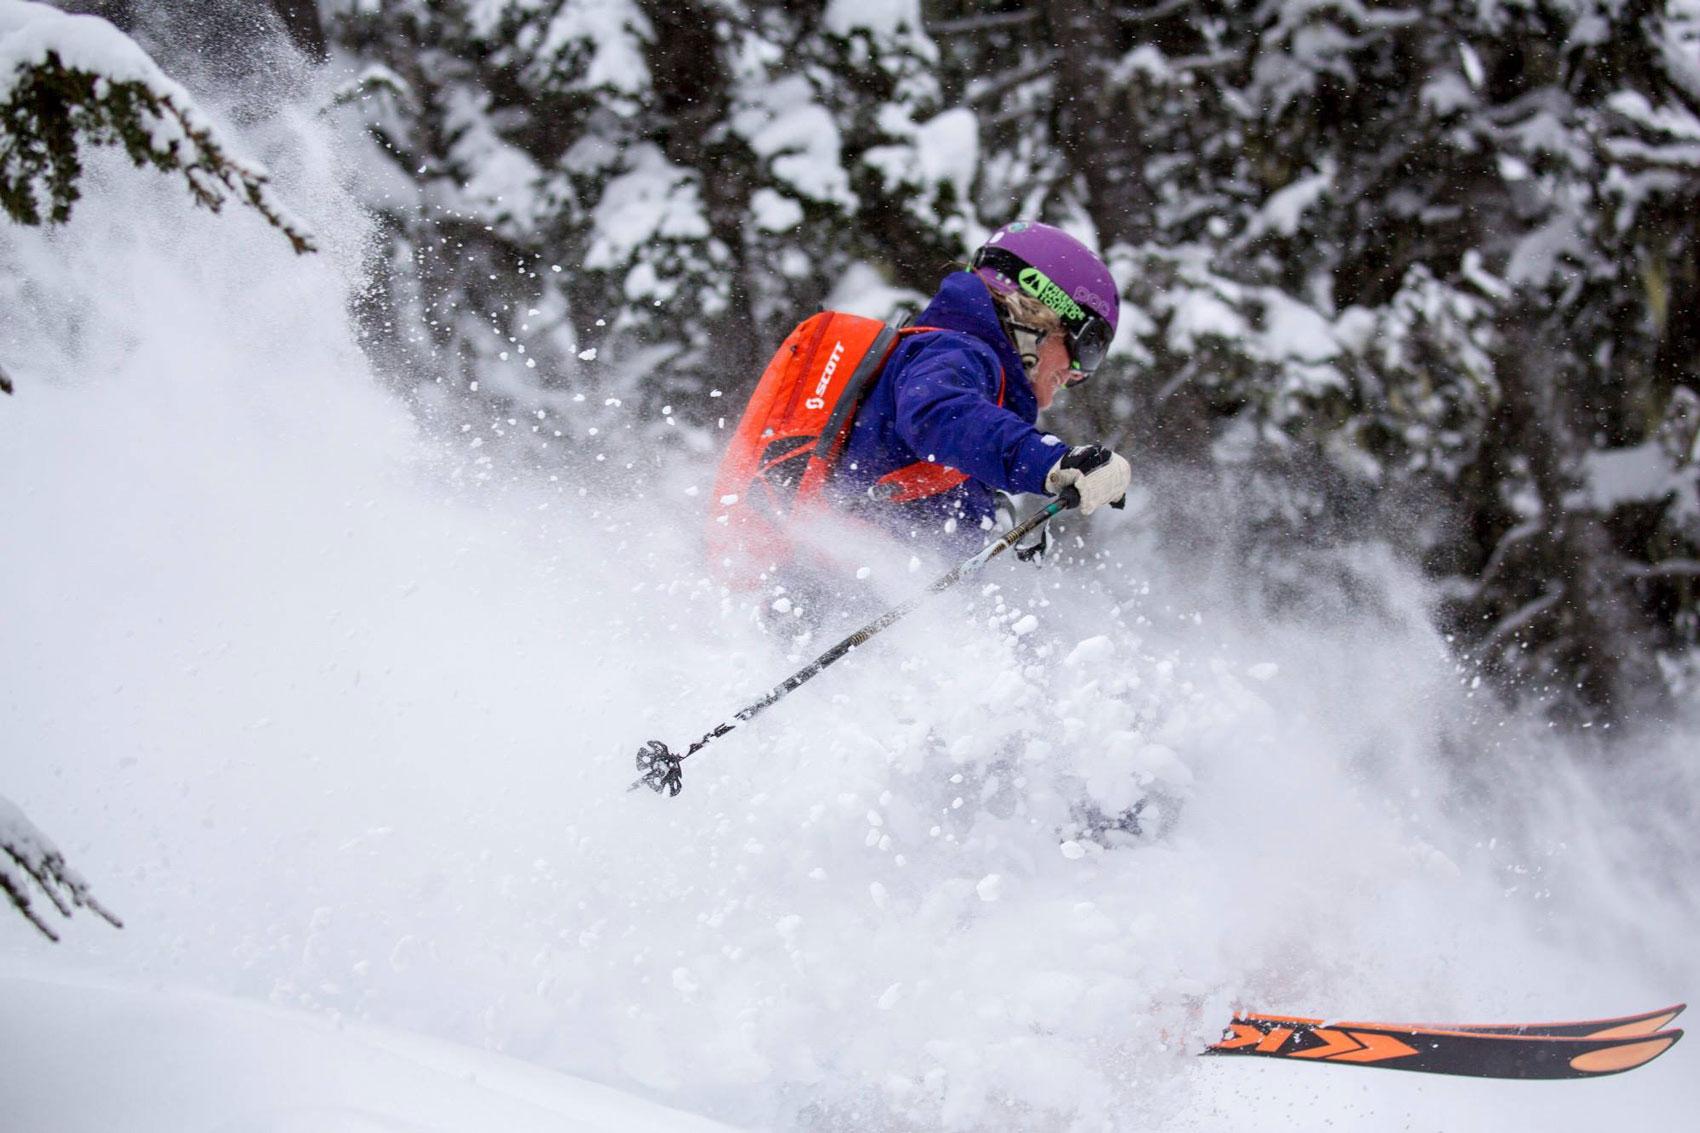 packliste-skifahren-munichmountaingirls-katharina-kestler-freeriden